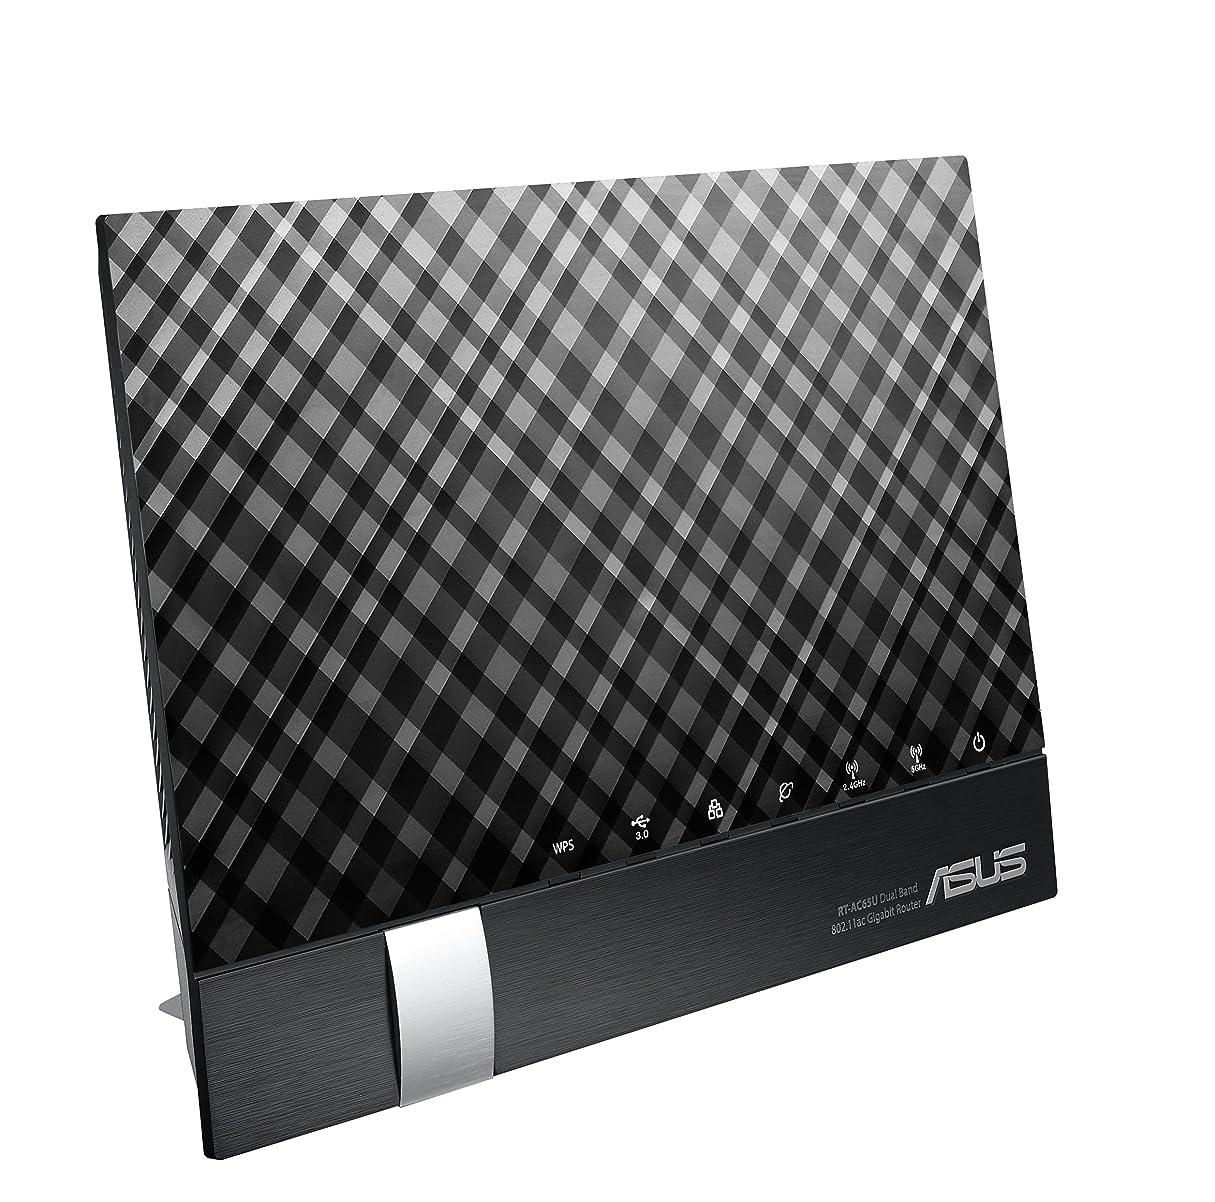 家族リビングルーム骨髄ASUS デュアルバンド WiFi 無線LAN ルーター RT-AC65U 11ac デュアルバンド AC1900 1300+600Mbps 最大15台 4LDK 3階建向け MU-MIMO対応